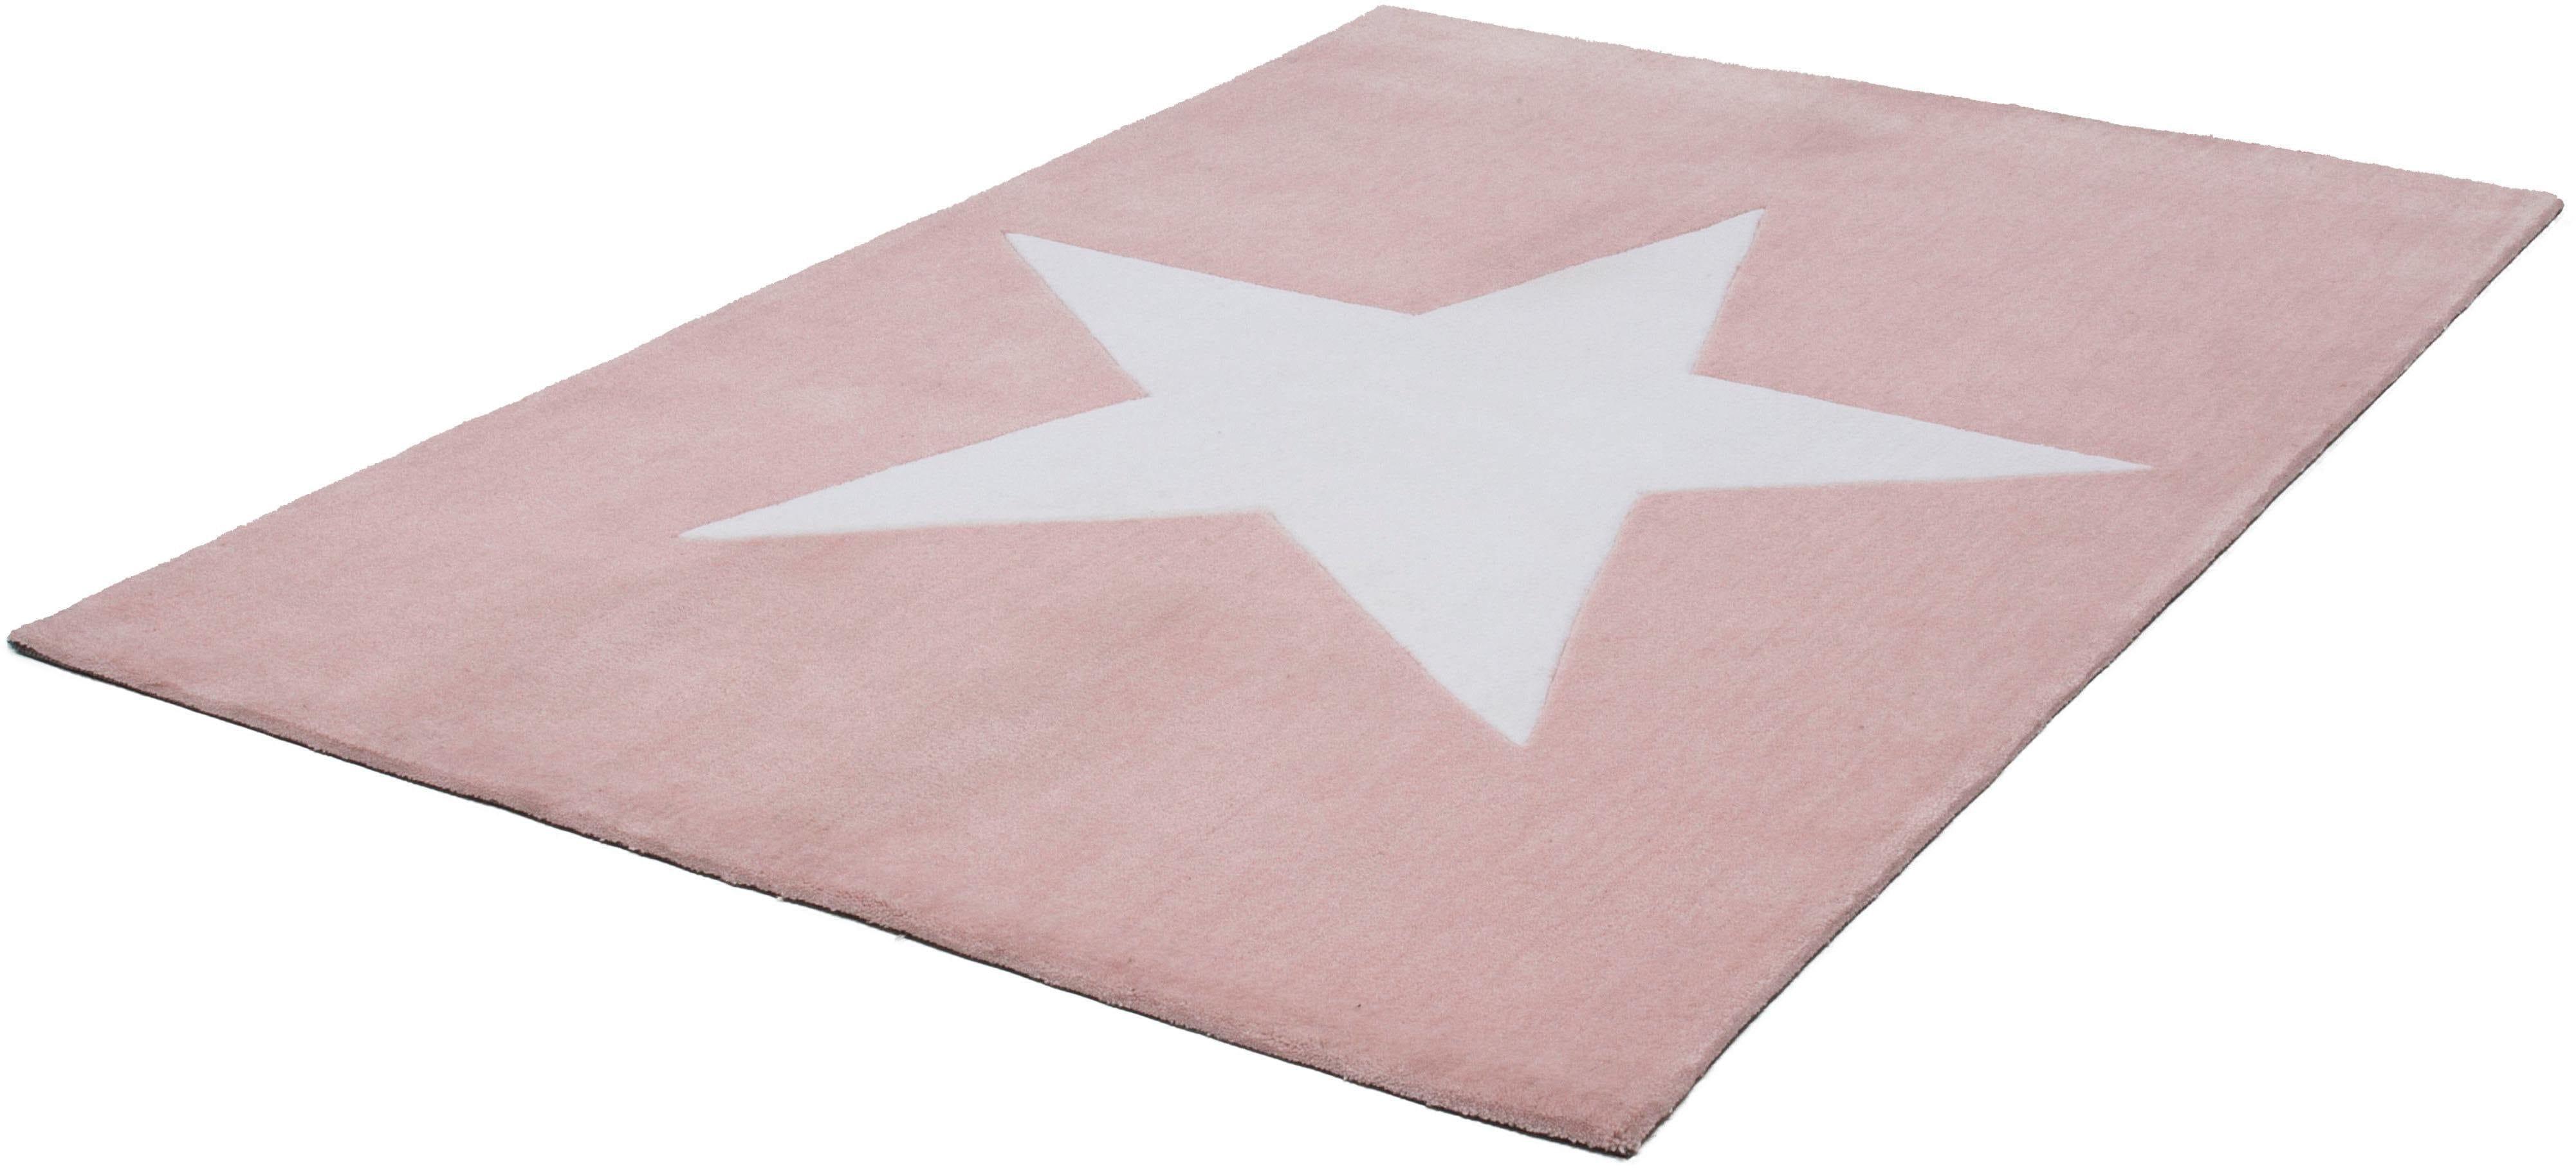 Teppich Amber 800 calo-deluxe rechteckig Höhe 16 mm handgewebt